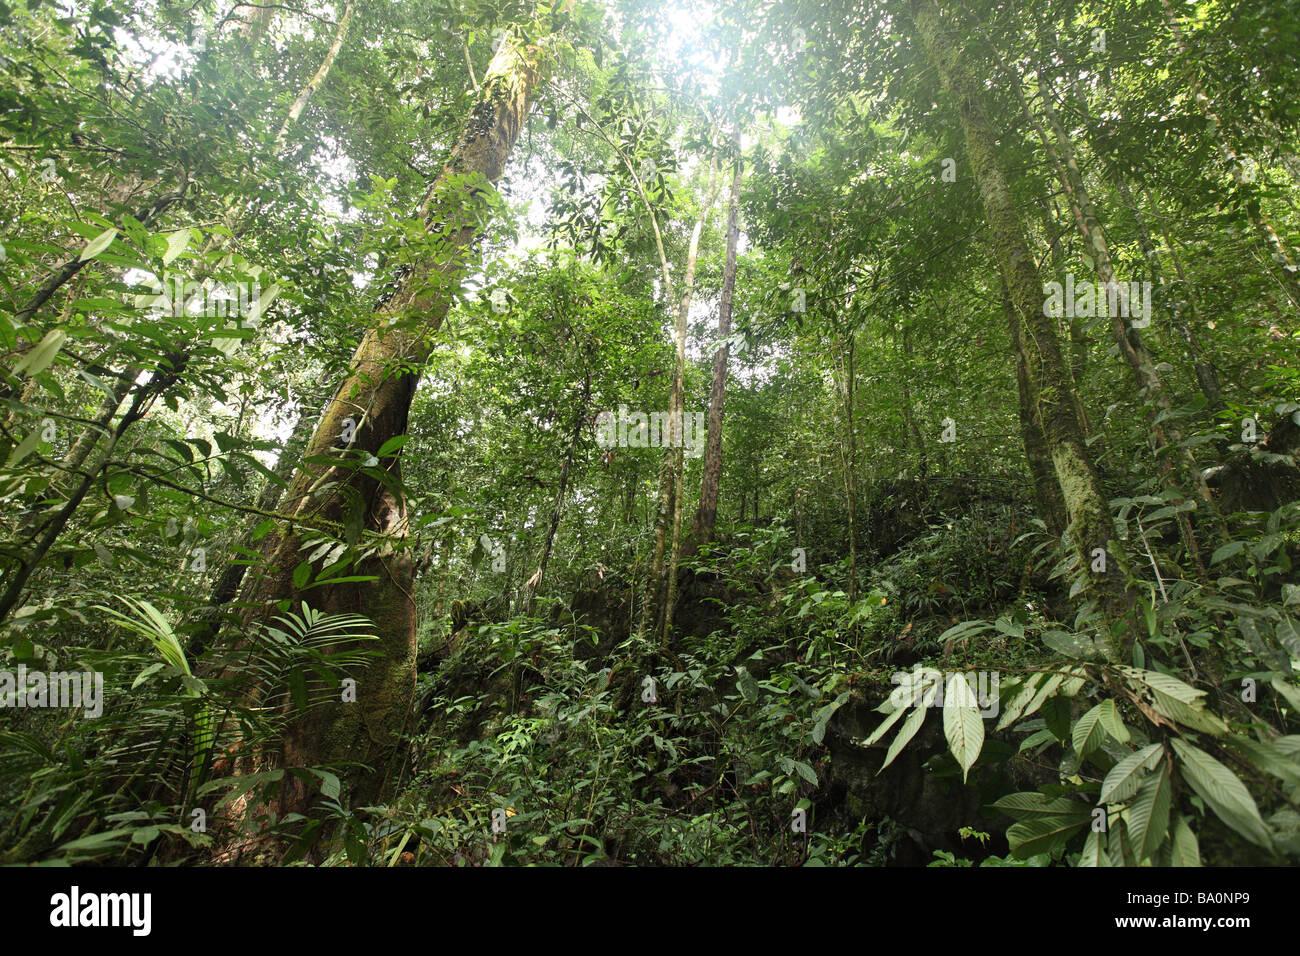 Une épaisse végétation couvre le sol à l'intérieur de la jungle sur l'île Photo Stock